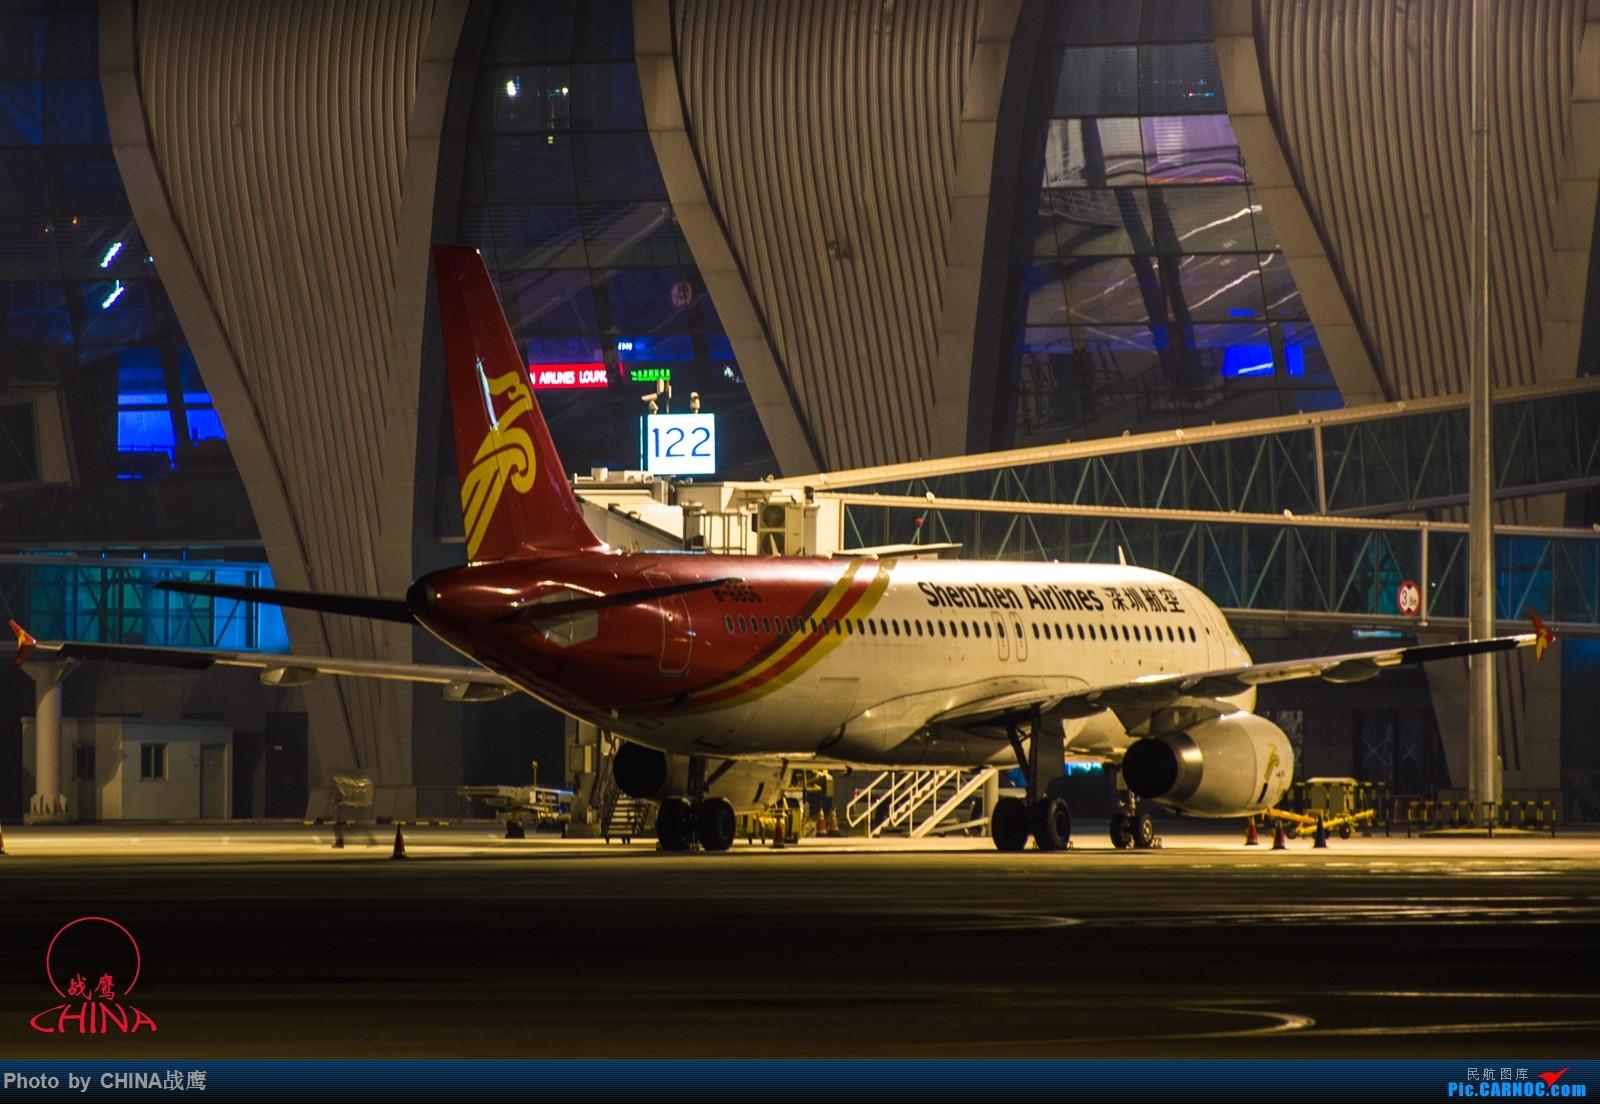 Re:[原创]【SHE】第三季度桃仙拍飞机集锦 AIRBUS A320-200 B-6856 中国沈阳桃仙国际机场